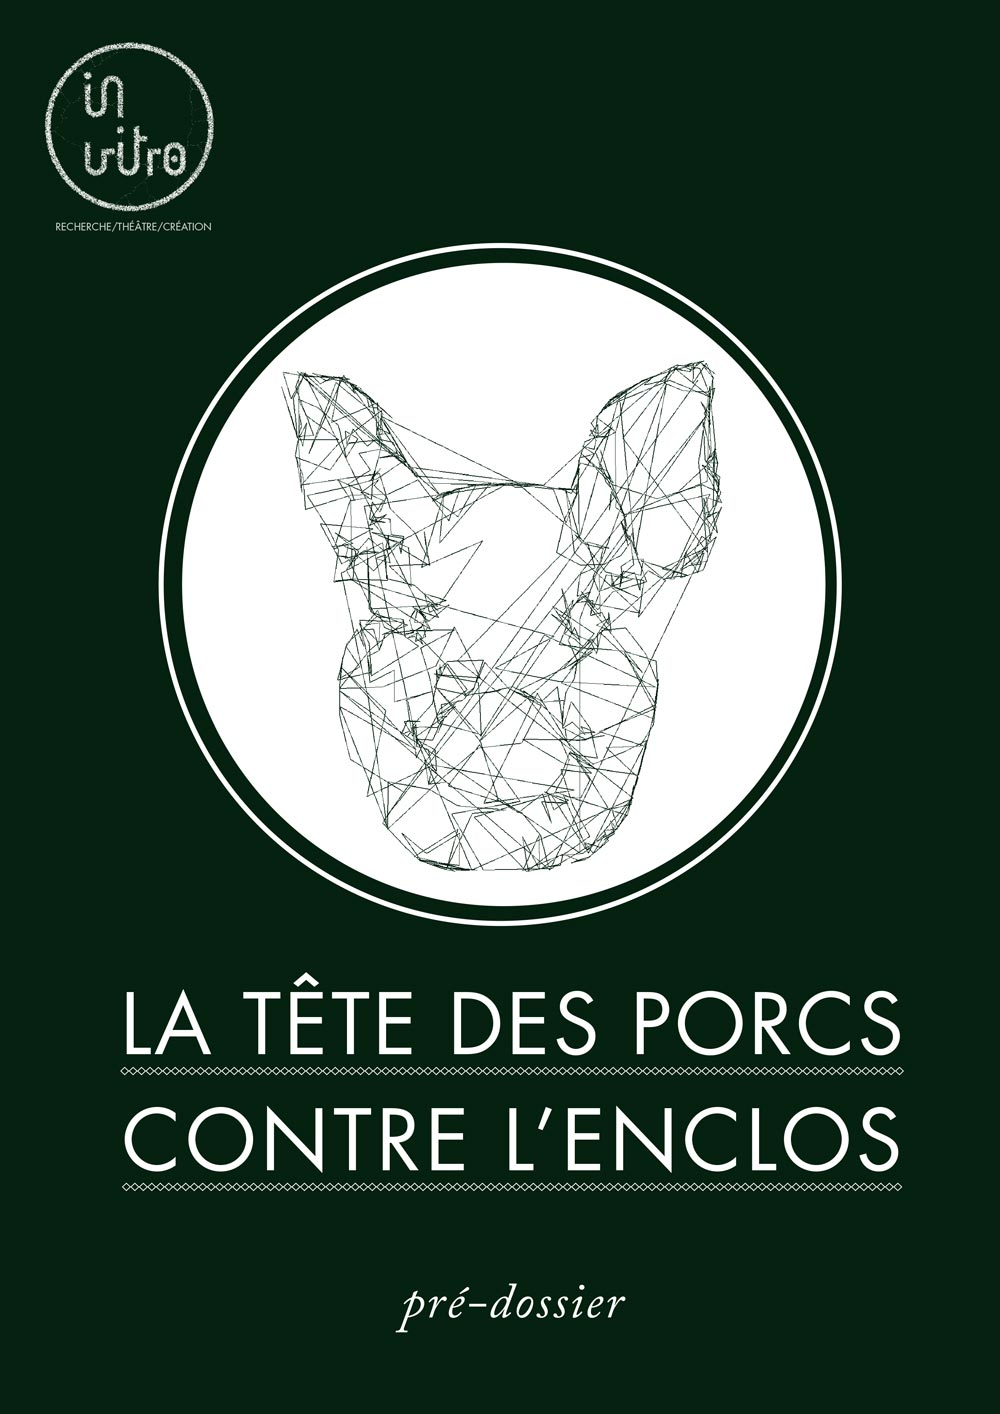 pre-dossier_tete-des-porcs_final3-1